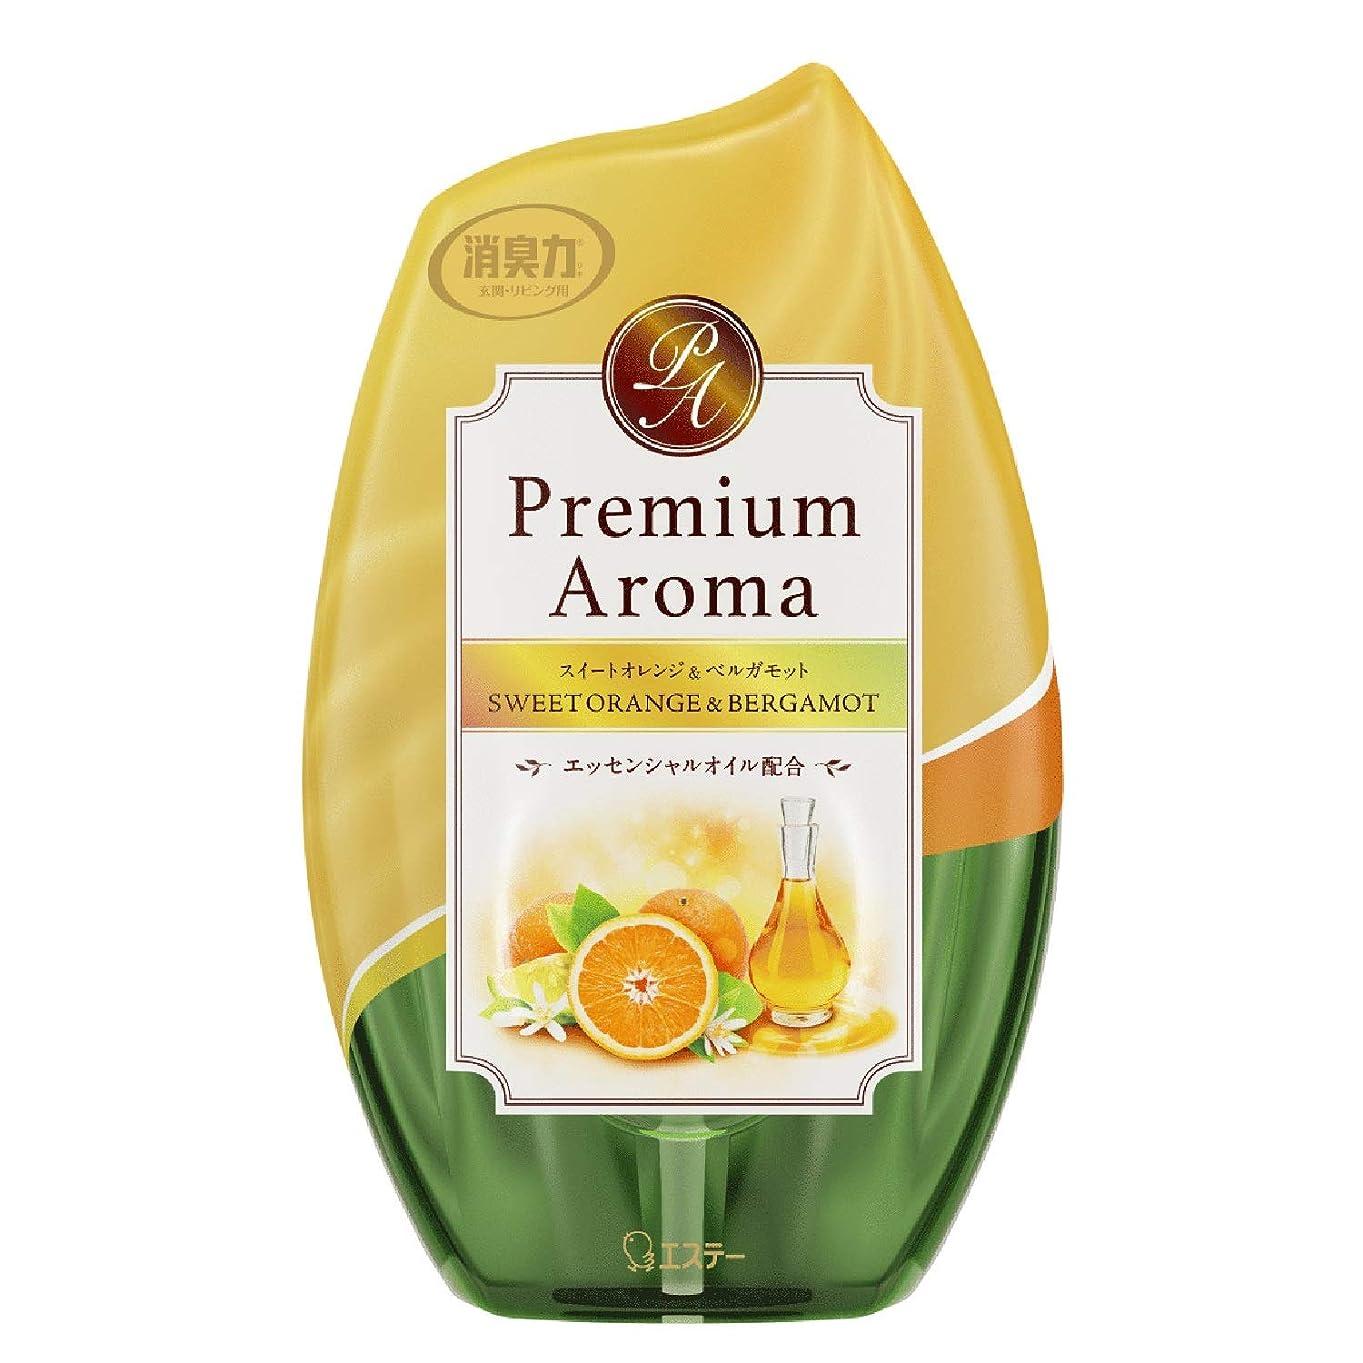 明らか動詞鯨お部屋の消臭力 プレミアムアロマ Premium Aroma 消臭芳香剤 部屋用 部屋 スイートオレンジ&ベルガモットの香り 400ml